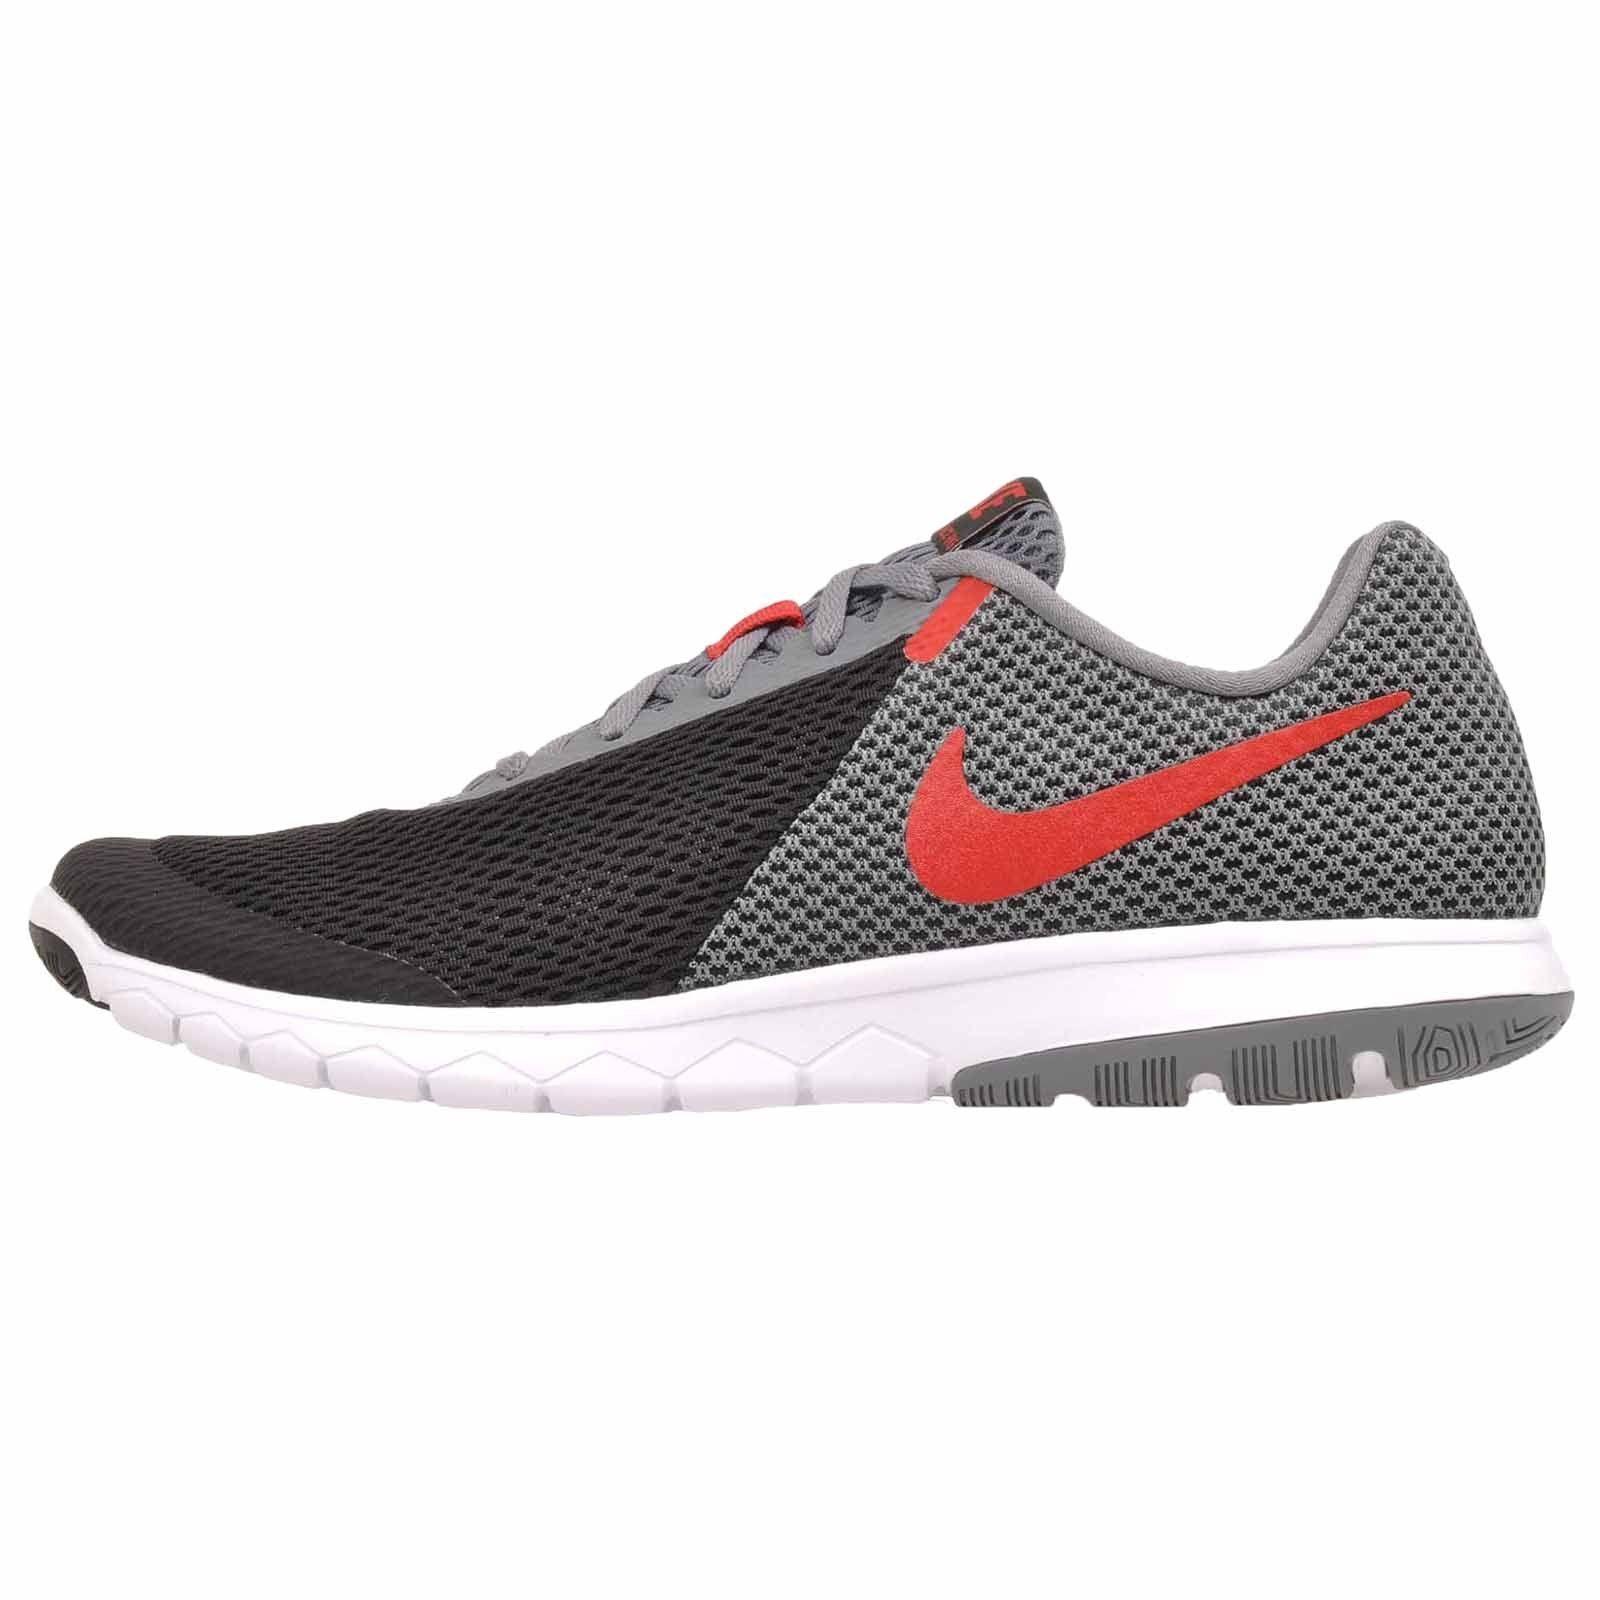 Nike Flex Esperienza Rn6 Uomo Bambini Bambini Uomo   Da Corsa Noi Dimensioni 8,9 4bca64